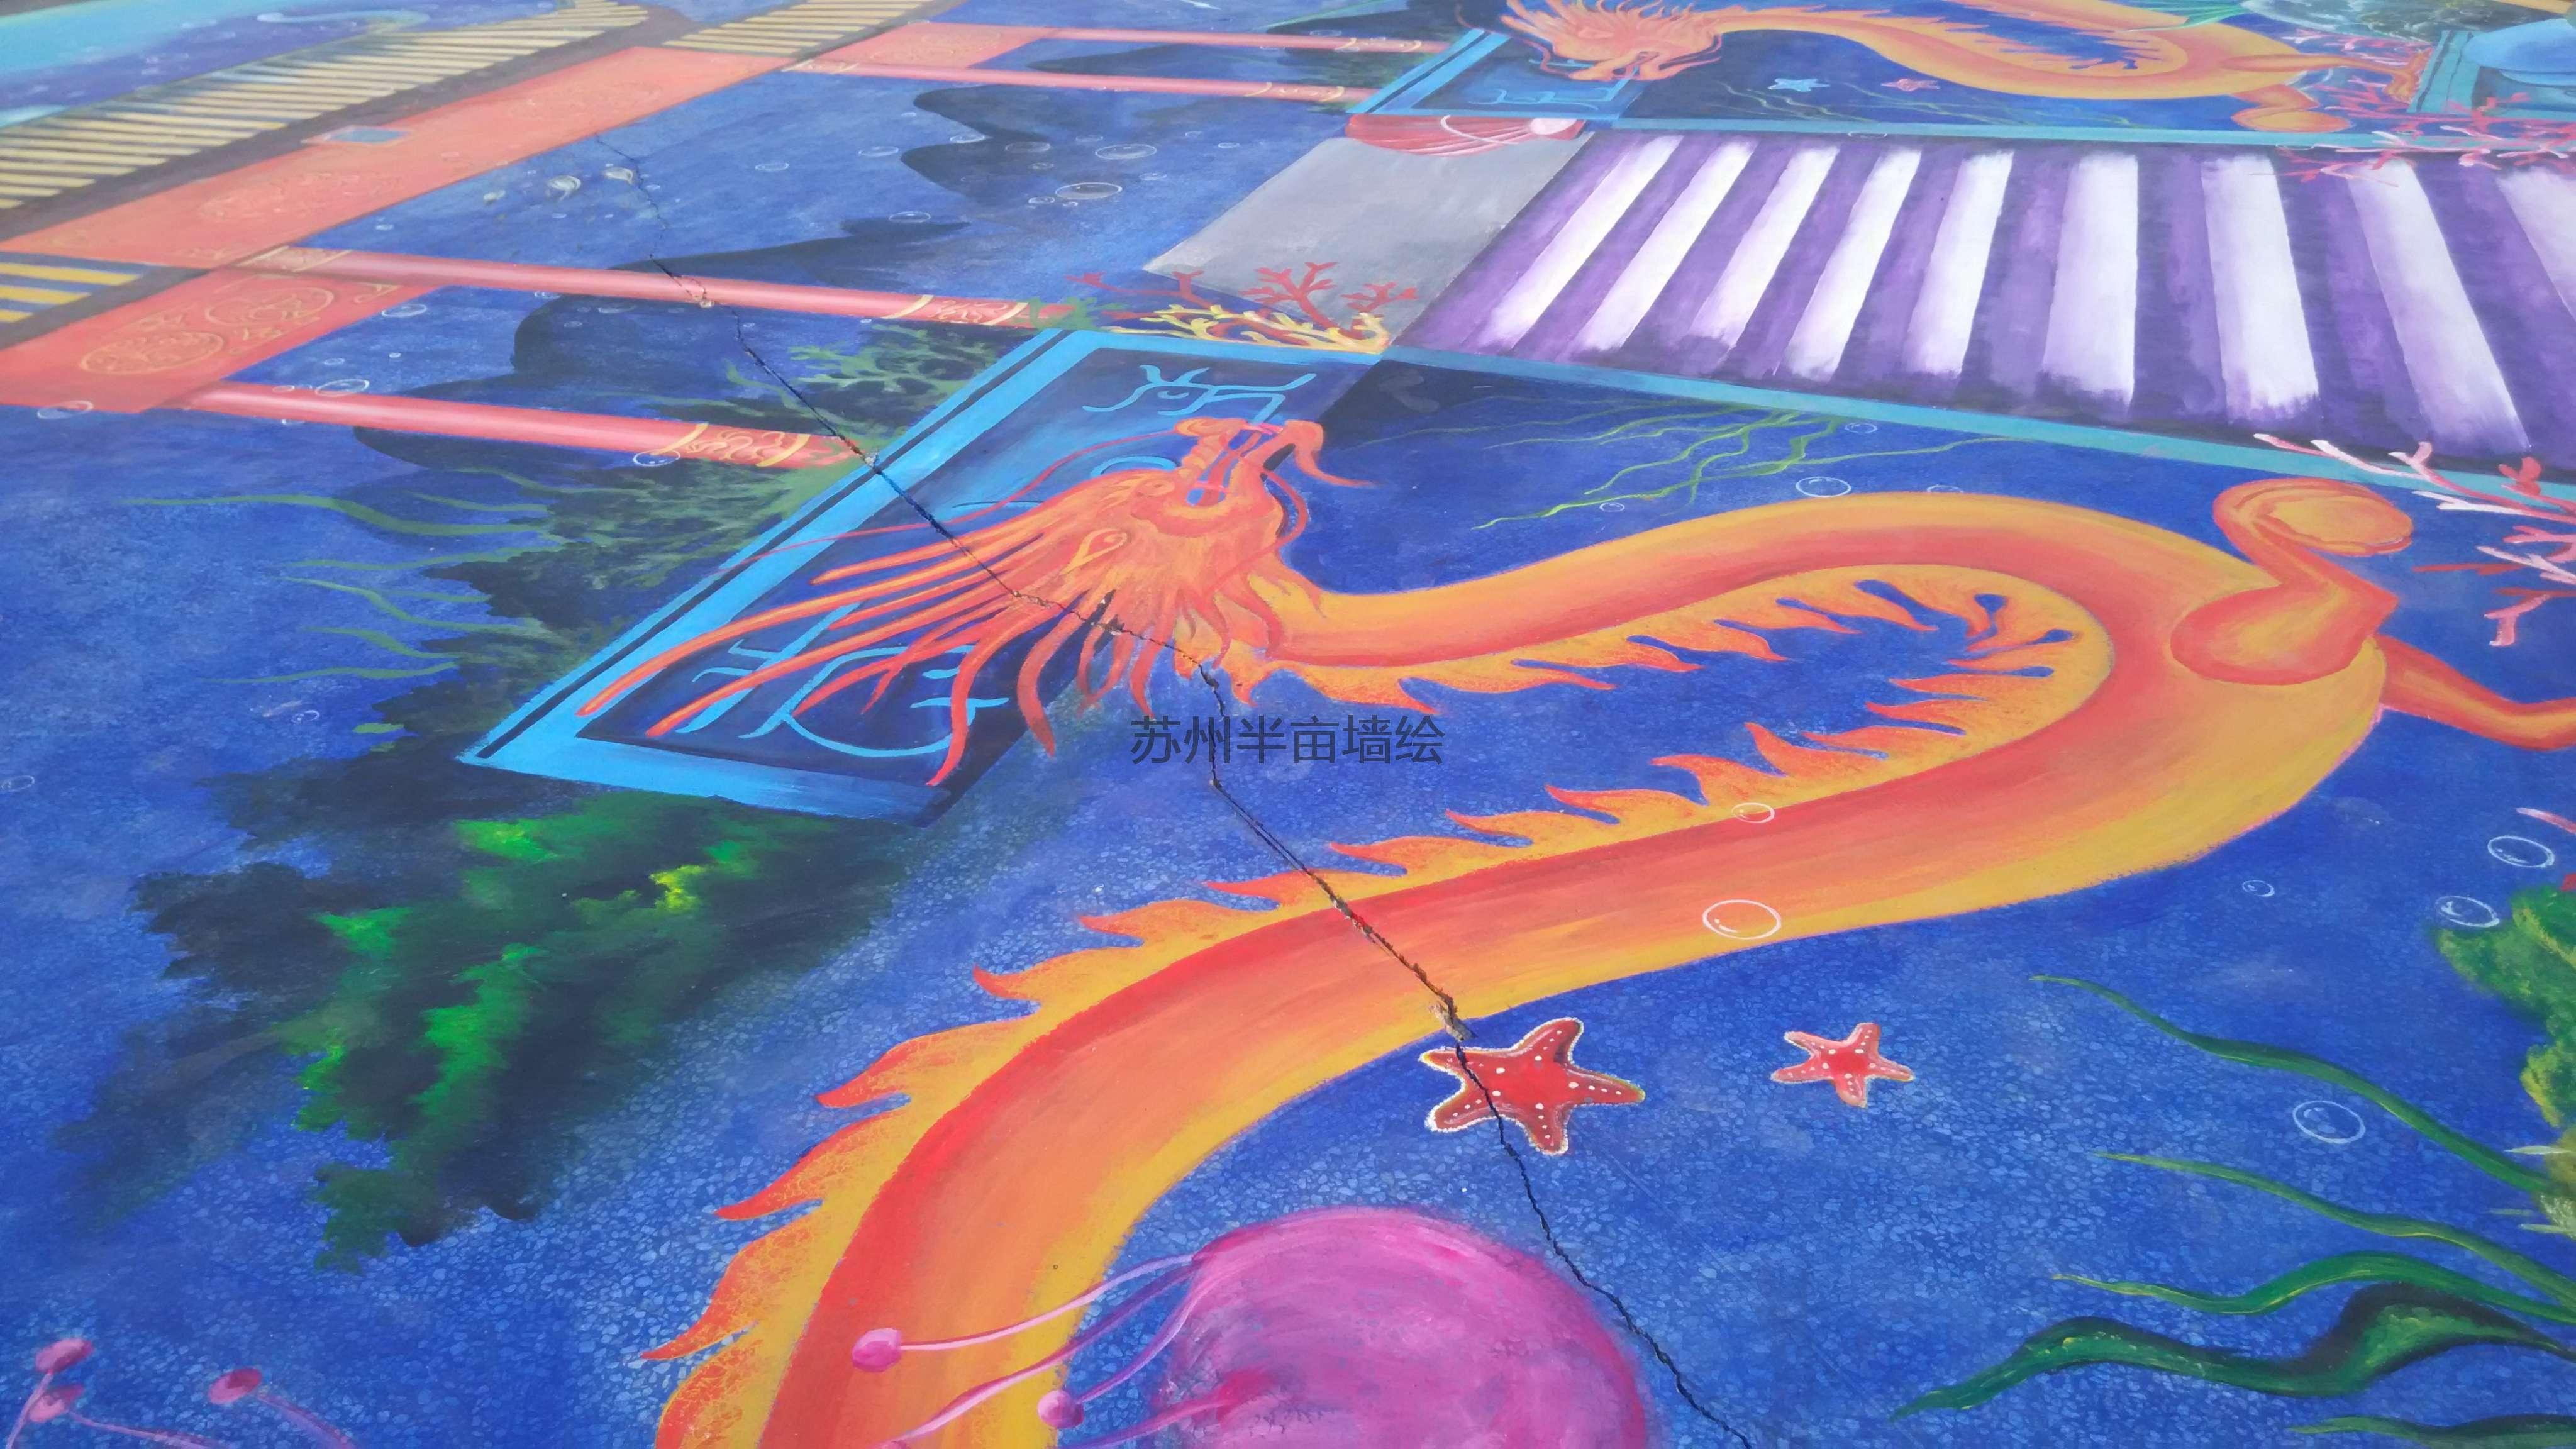 江苏风景区手绘海底世界最大面积墙绘